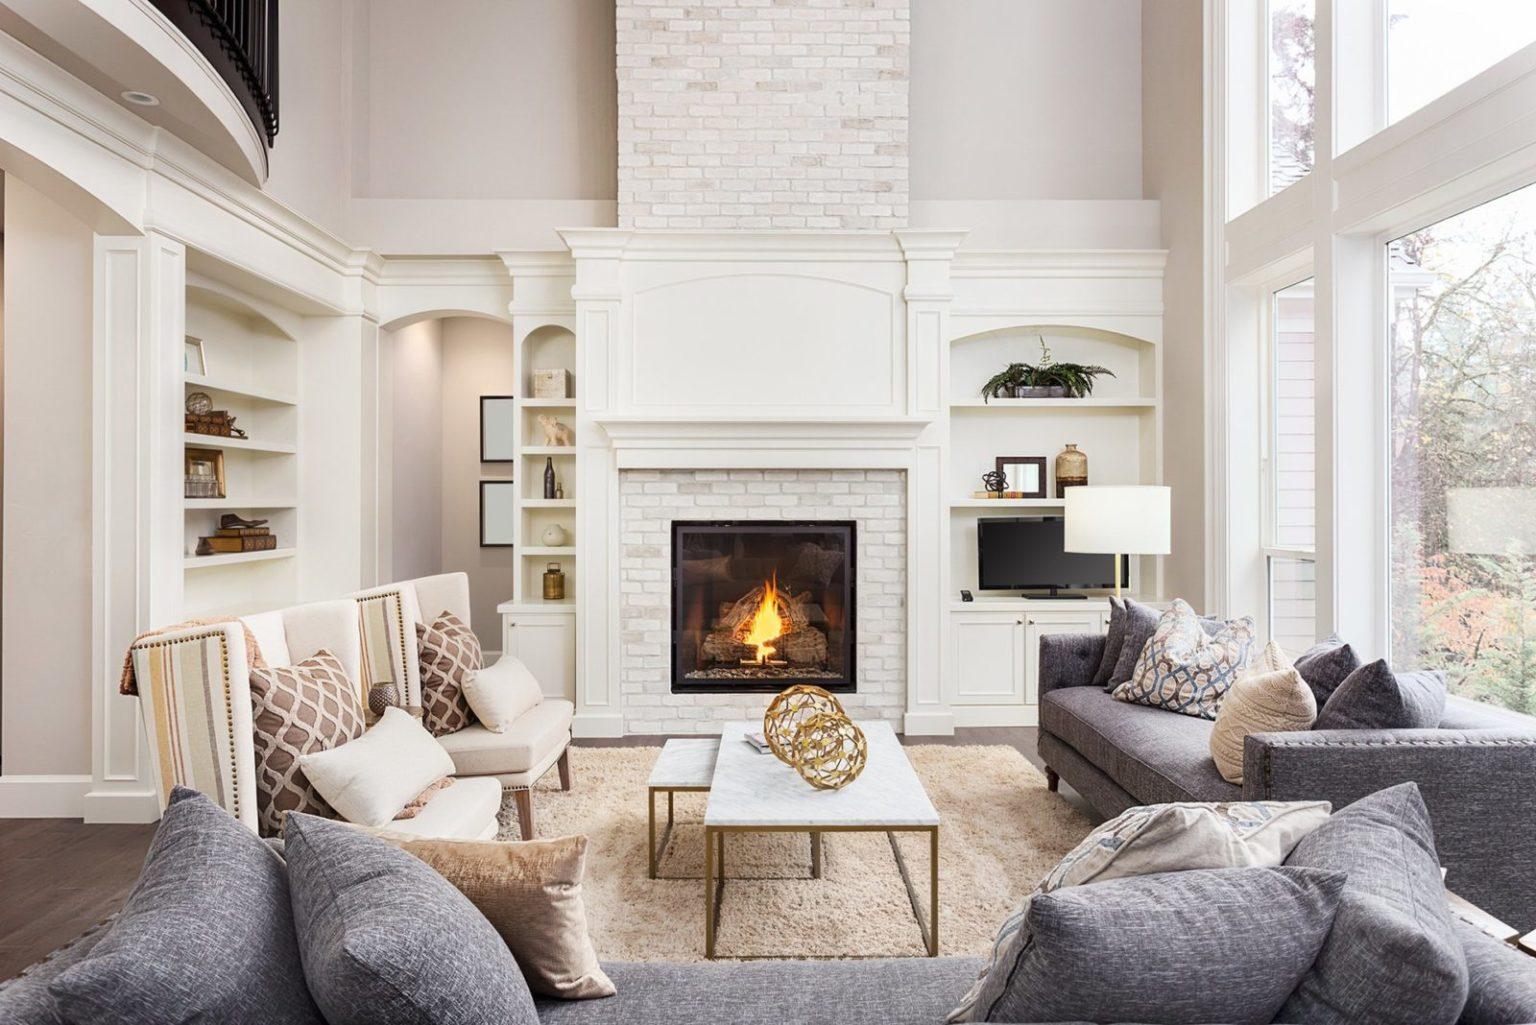 отличается простотой гостиная в стиле прованс с камином фото узнаете, как передаётся